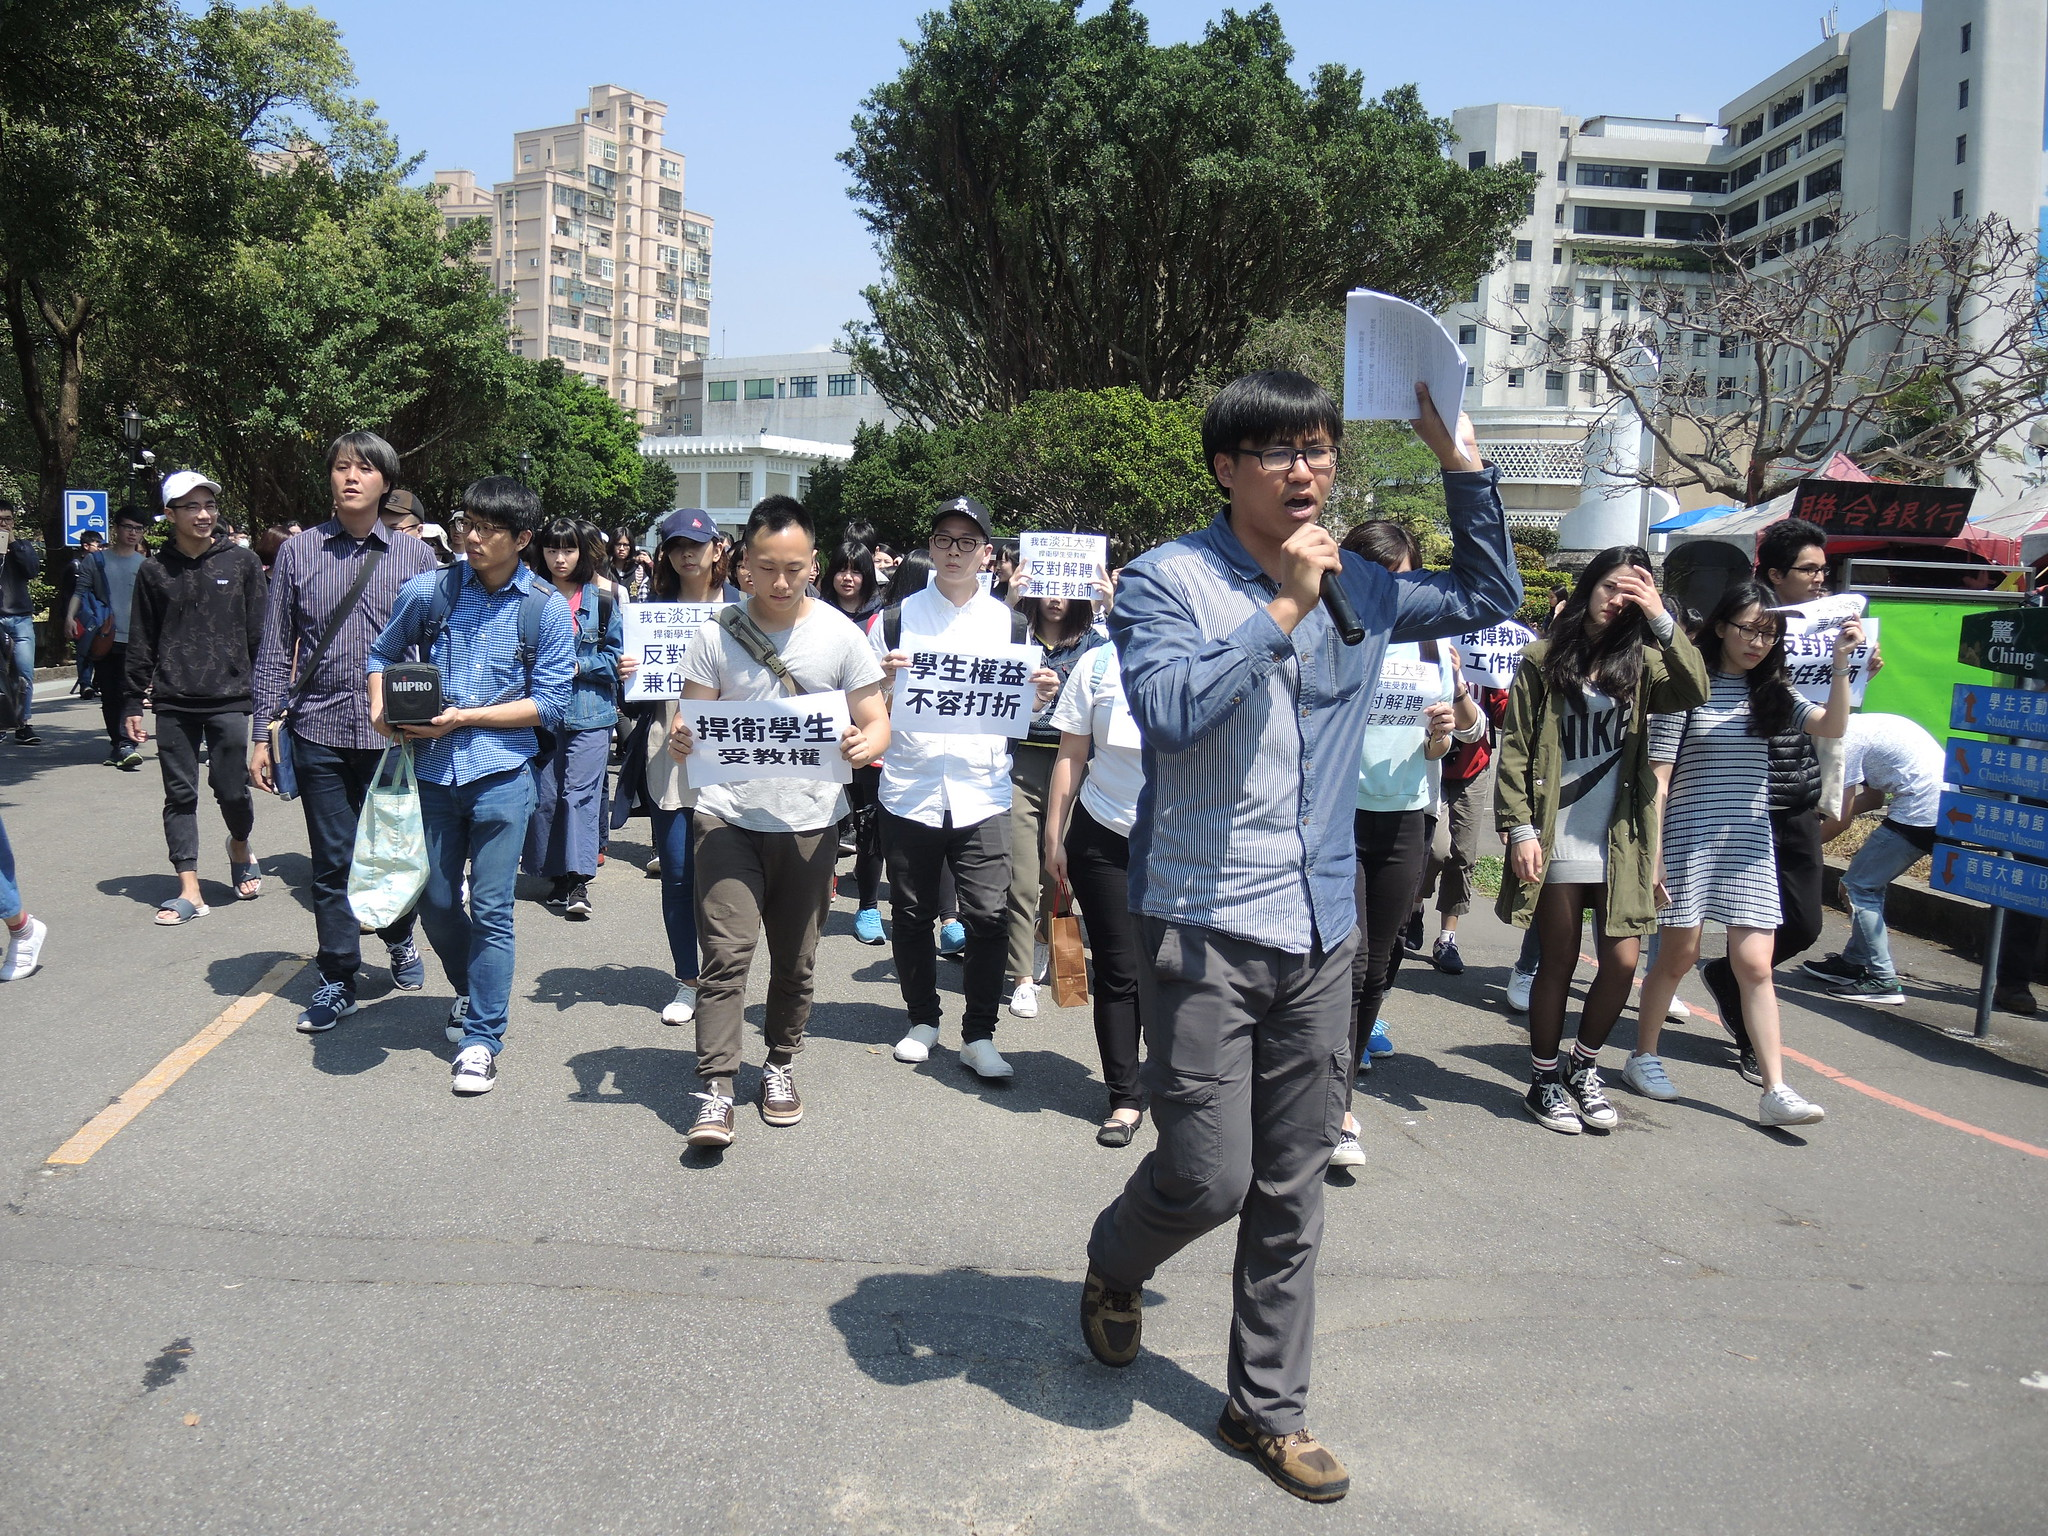 淡江學生前往行政大樓遞交連署書。(攝影:曾福全)